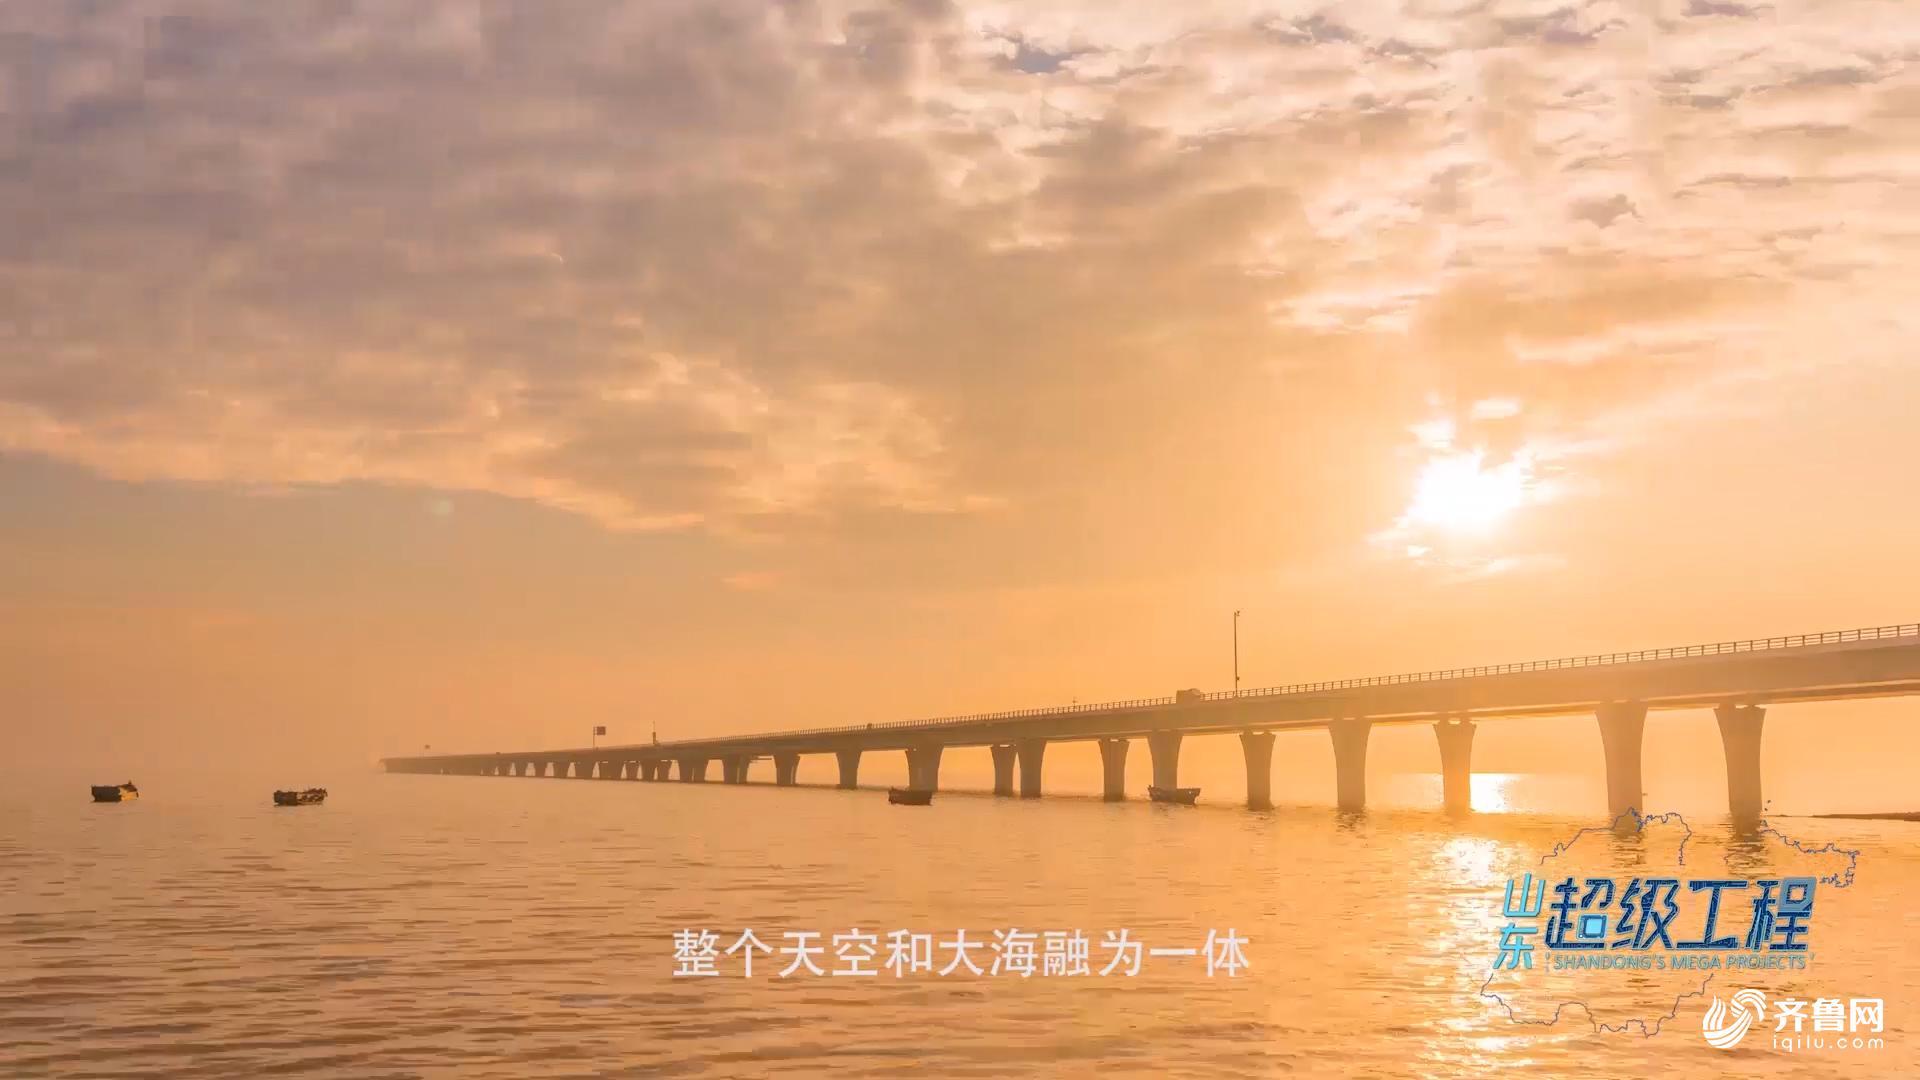 海上长虹001.jpg